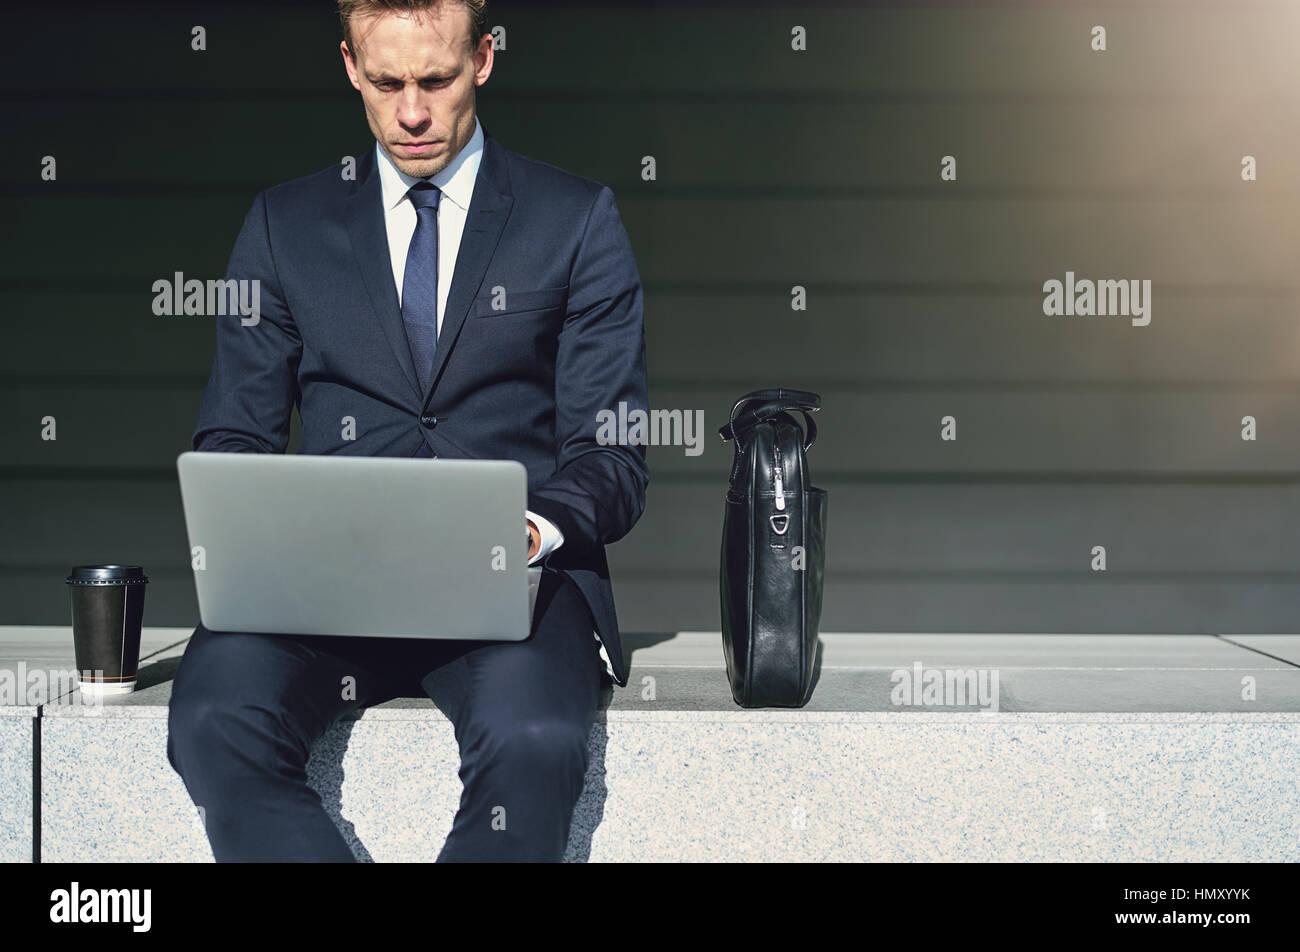 Stilvolle Geschäftsmann während der Arbeit auf seinem notebook Stockbild